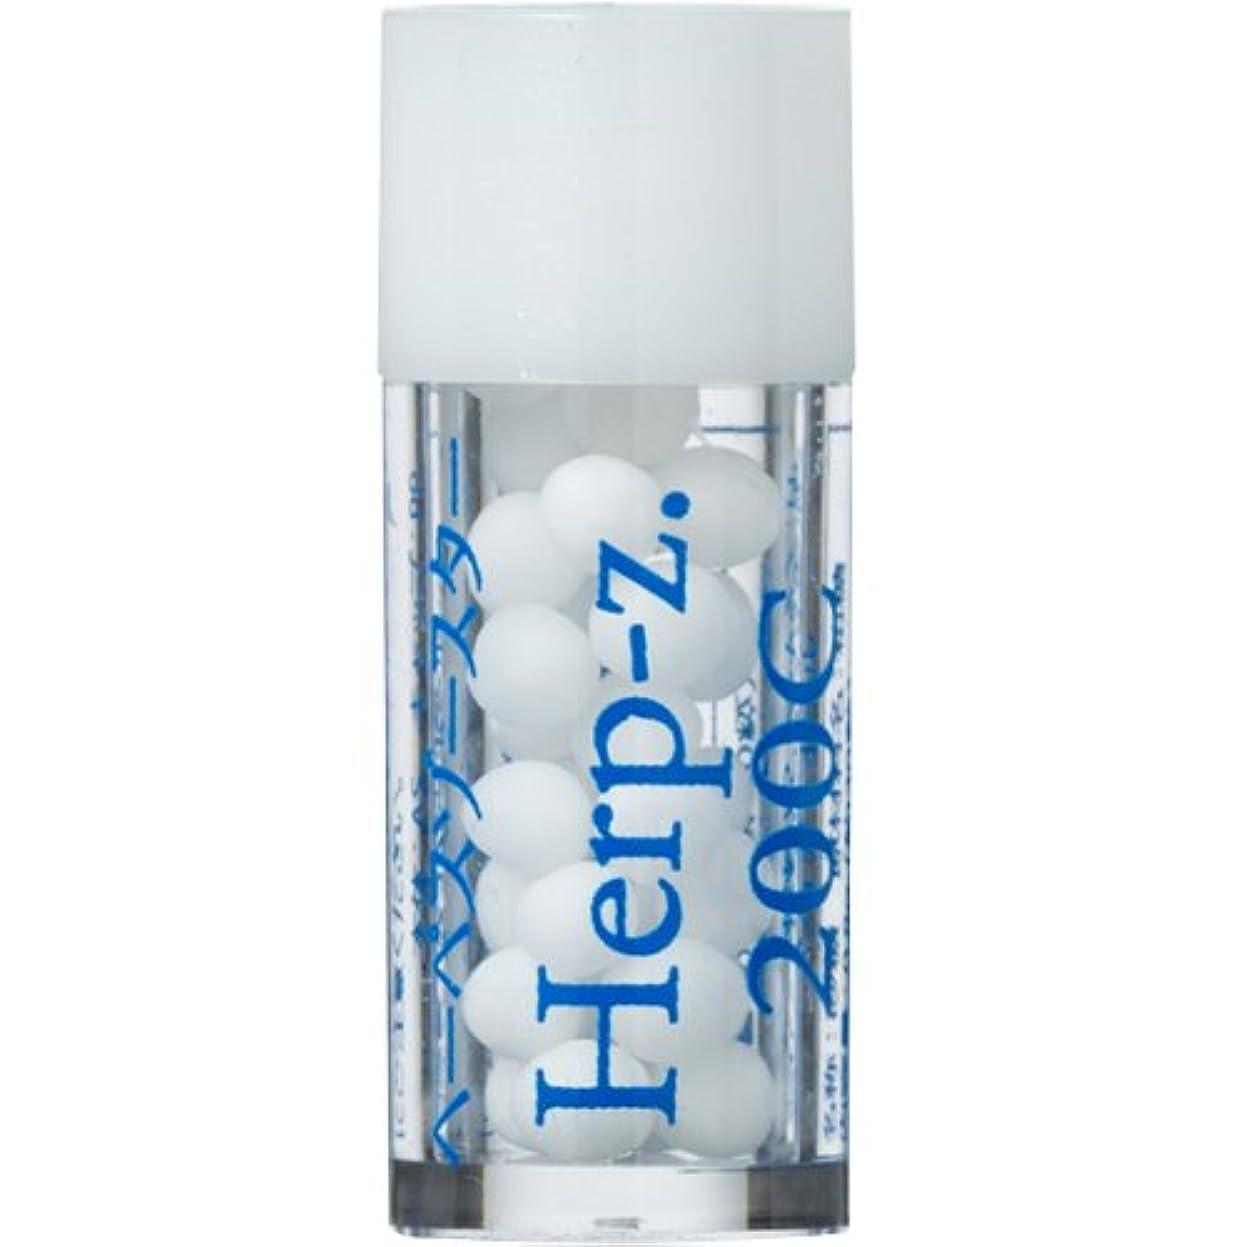 助言近代化する追加するホメオパシージャパンレメディー YOBO22 Herp-z. ヘーペスゾースター 200C